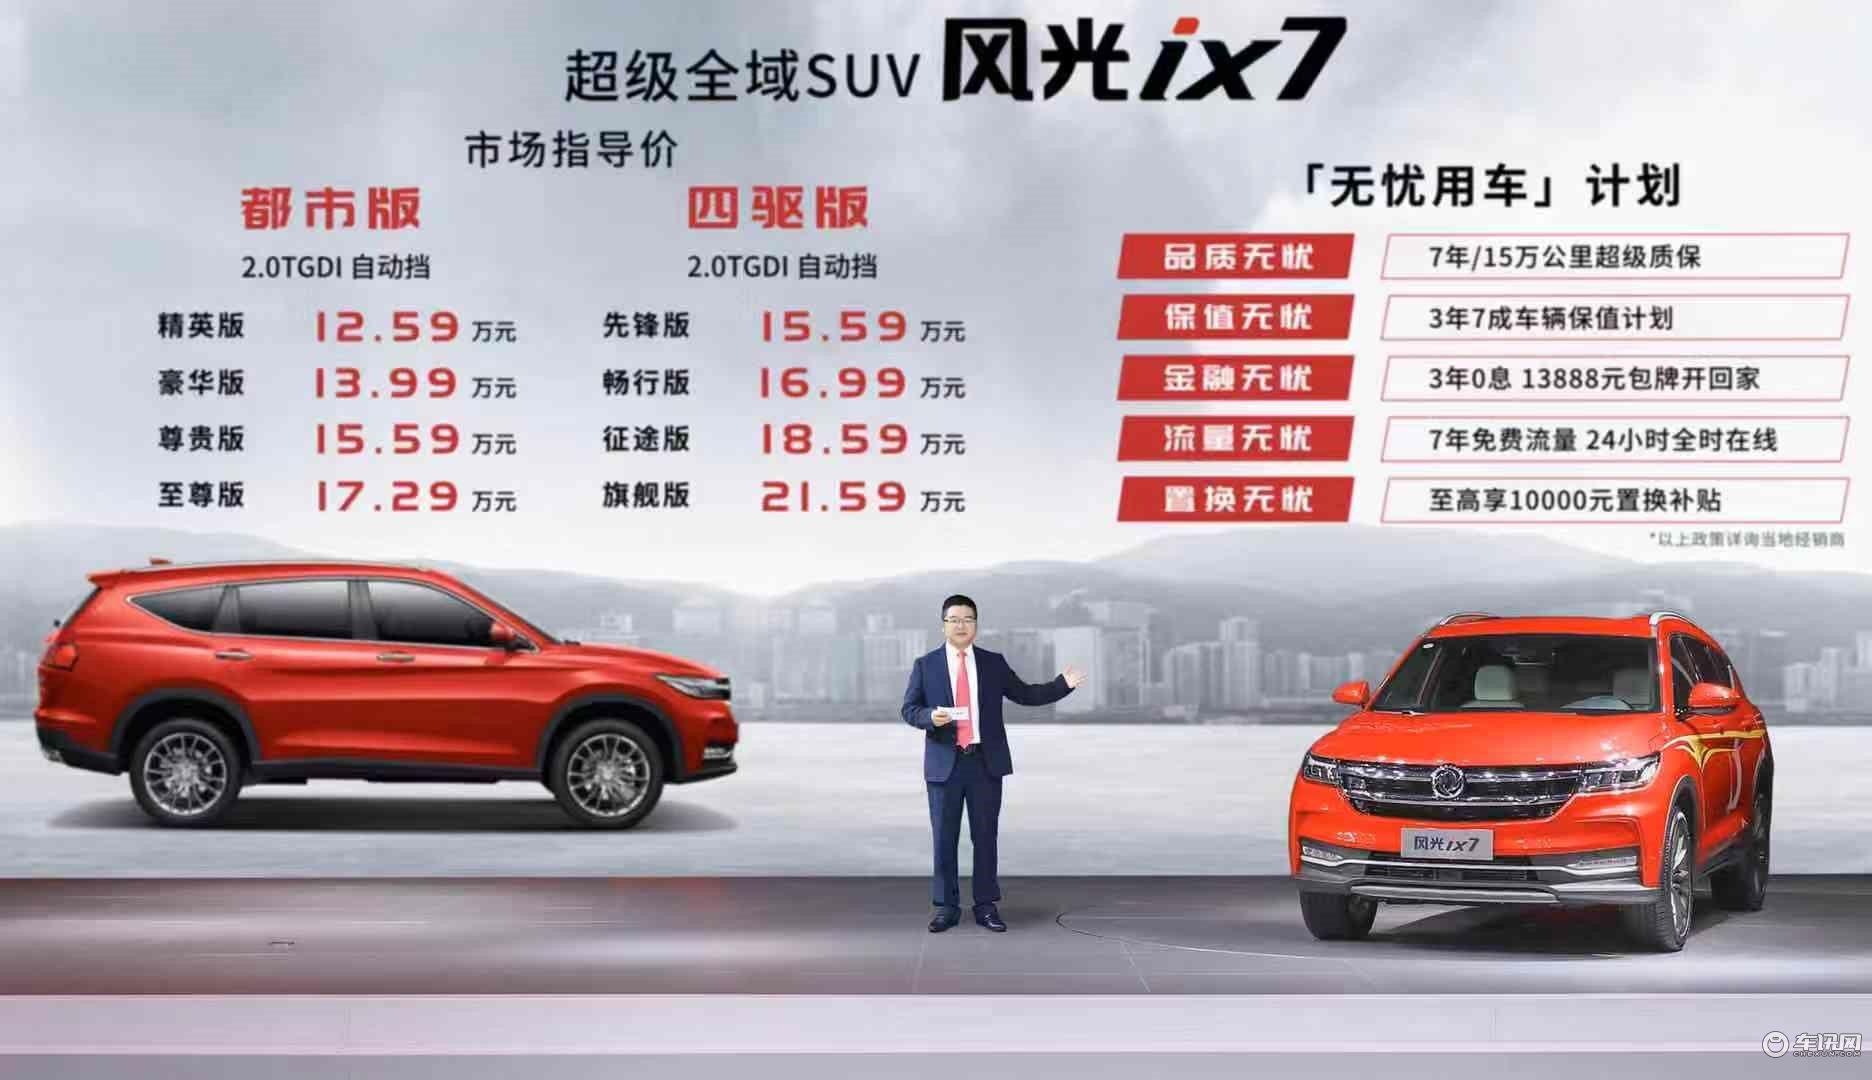 2019廣州車展:東風風光E1/E3/ix7上市